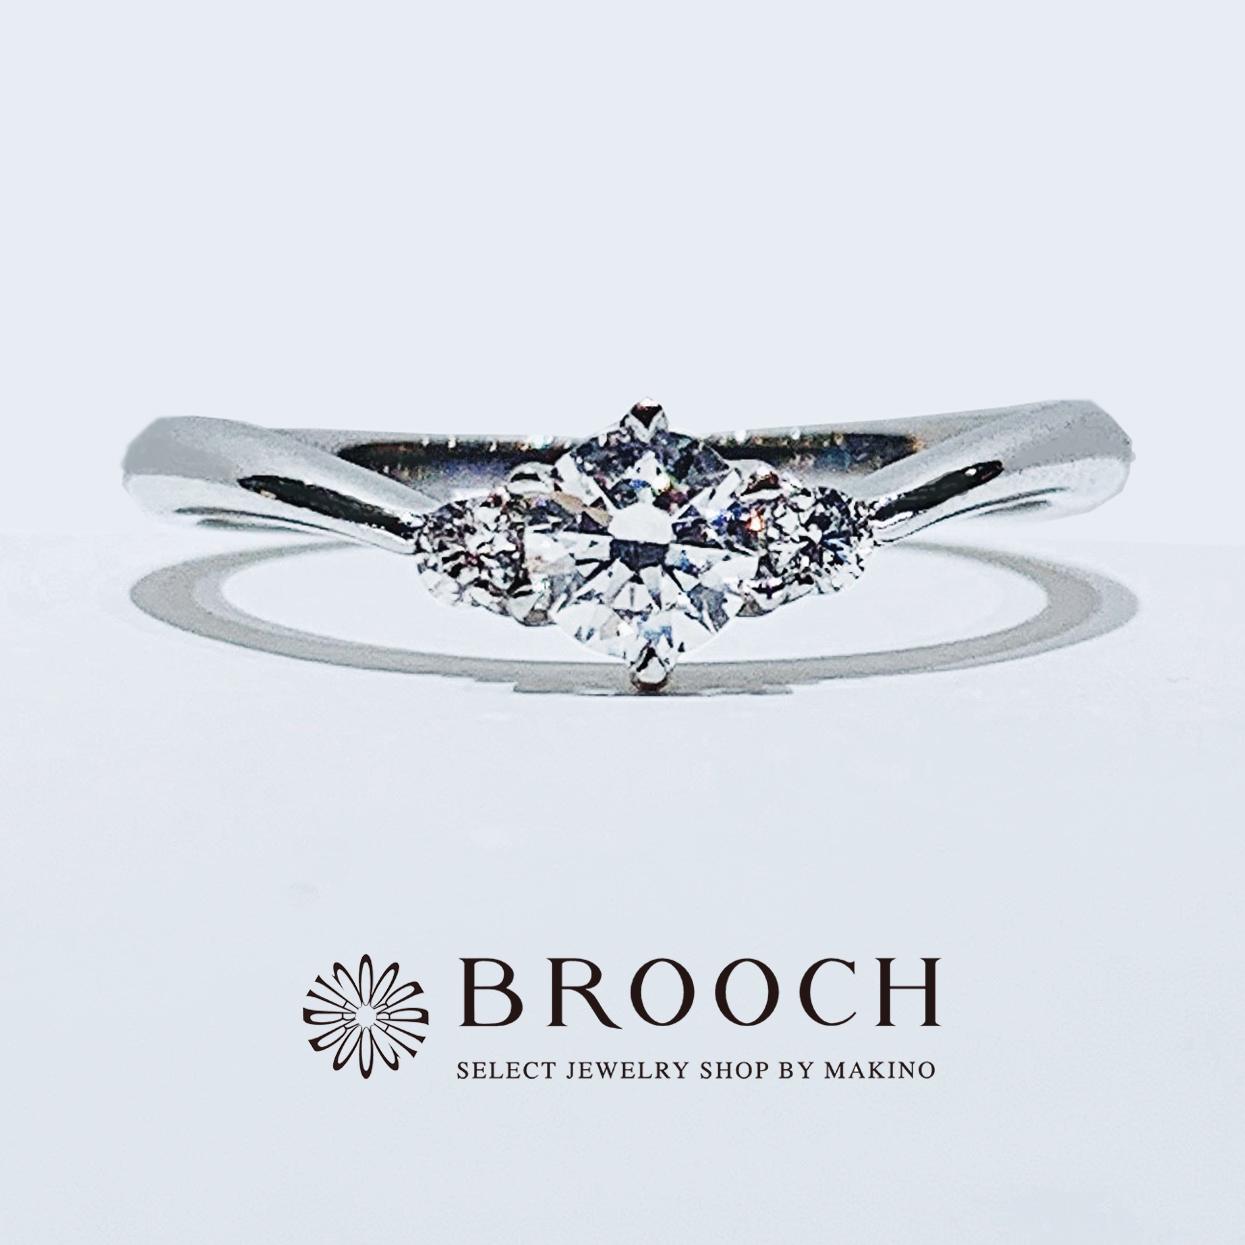 BROOCH 婚約指輪 エンゲージリング かわいい シンプルV字デザイン